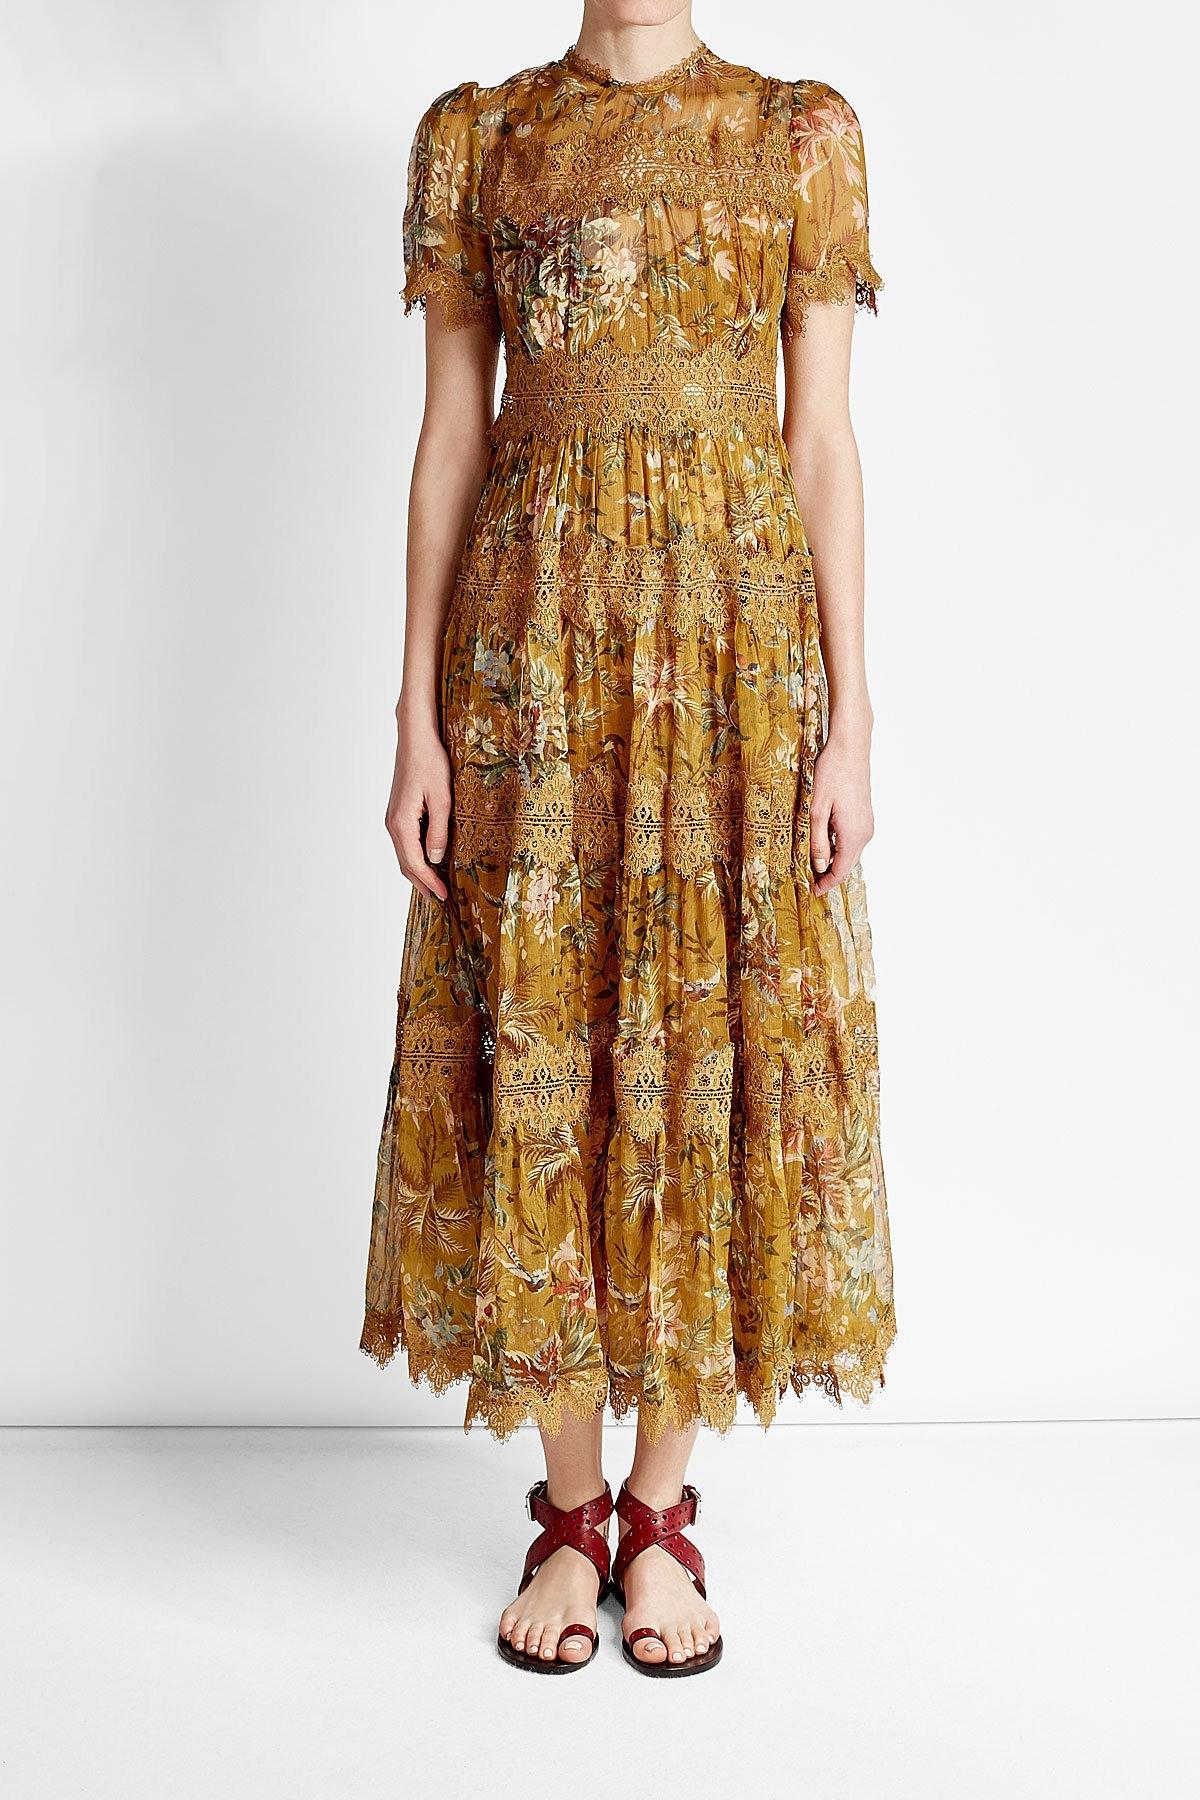 13 Fantastisch Damen Kleider Midi DesignDesigner Einzigartig Damen Kleider Midi Boutique